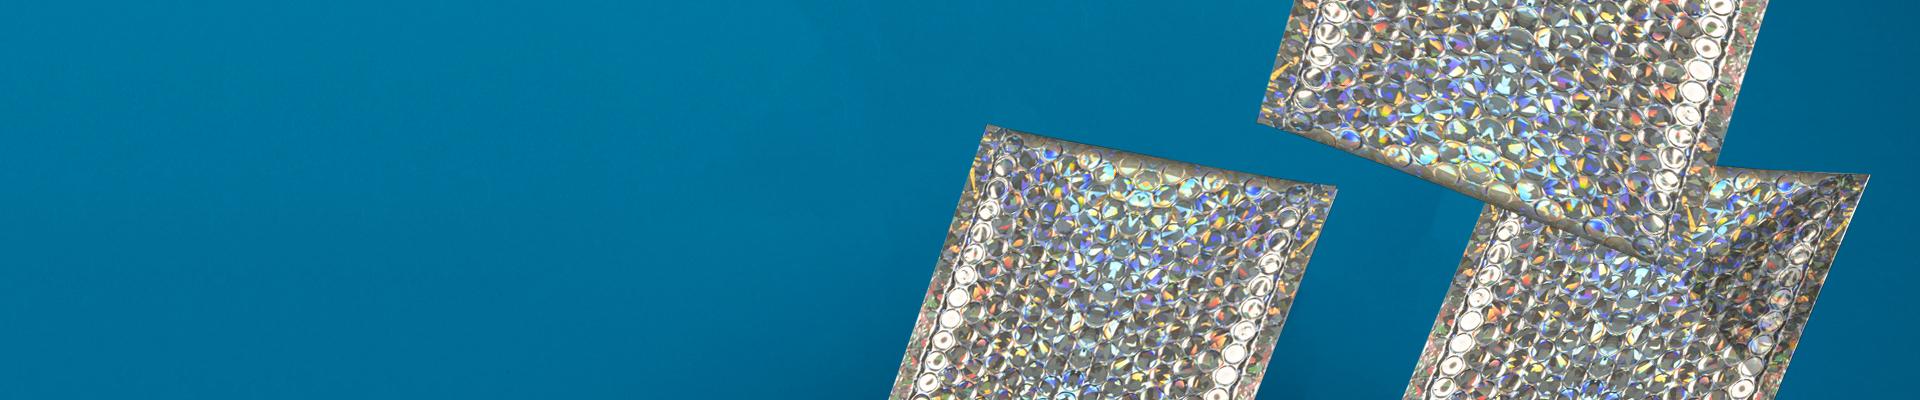 Creative Shine Holographic Padded Bubble Envelopes